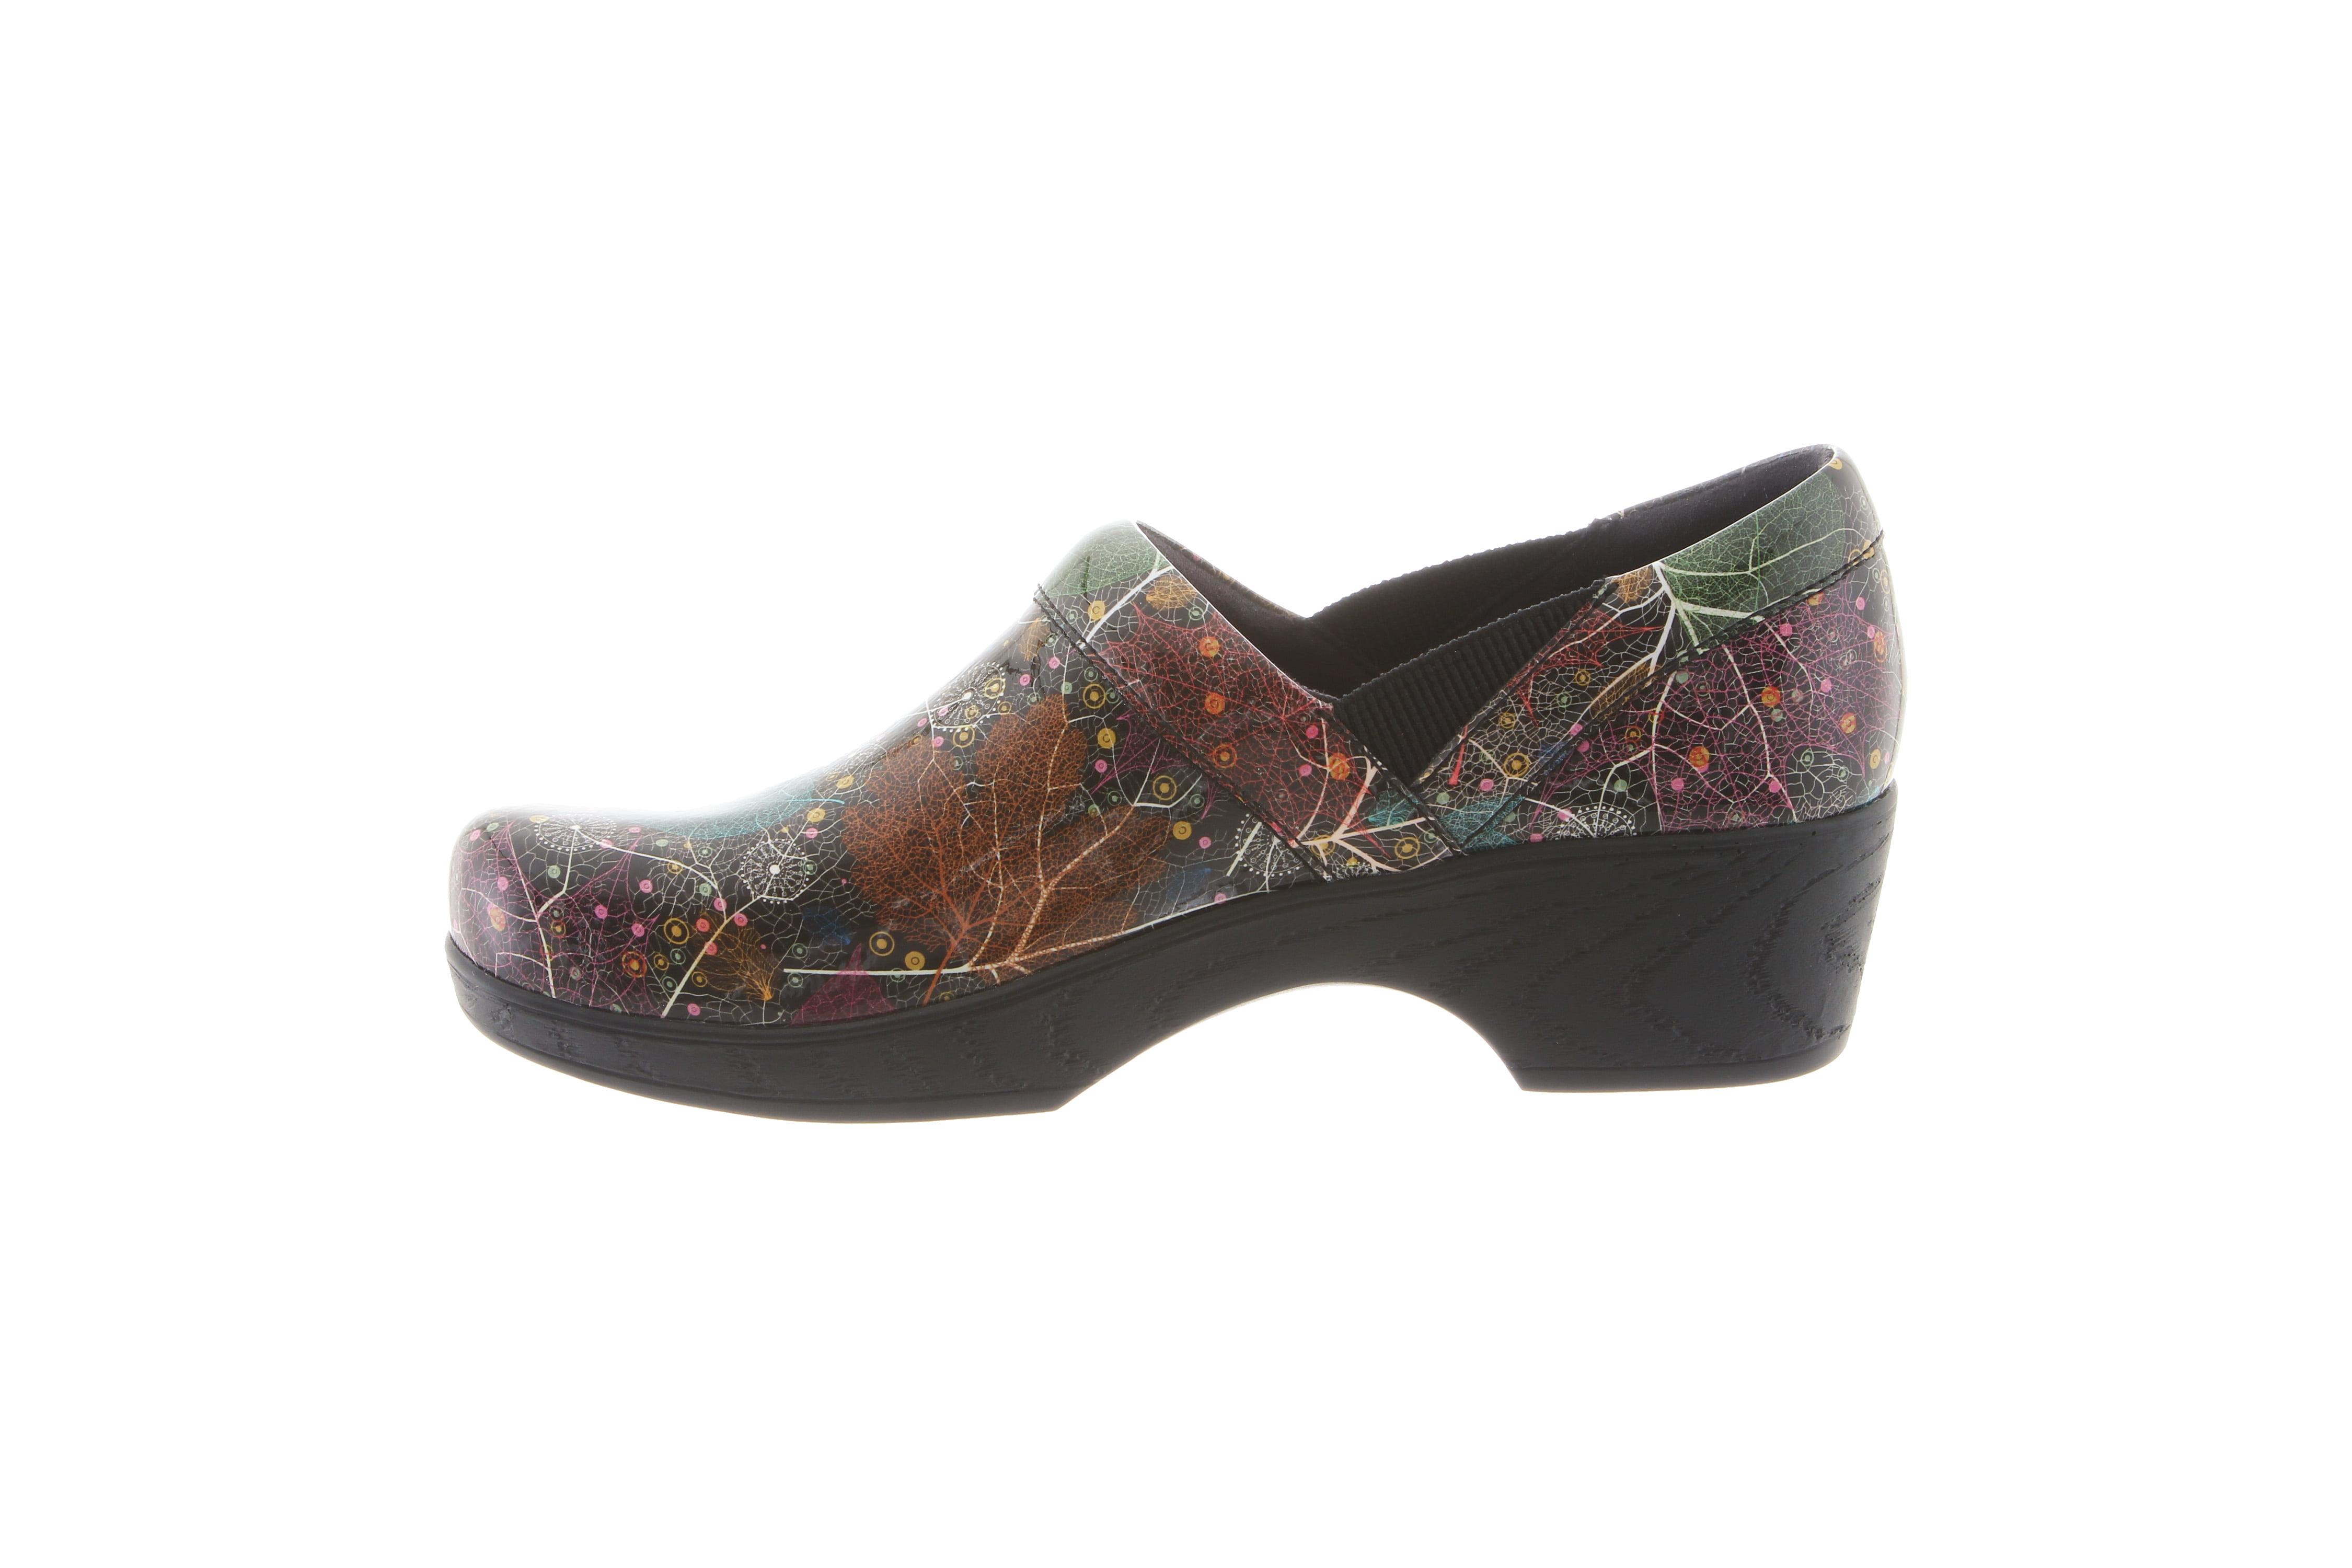 Klogs Footwear Women's Portland Shoe, Woodland Patent, 8.5 M